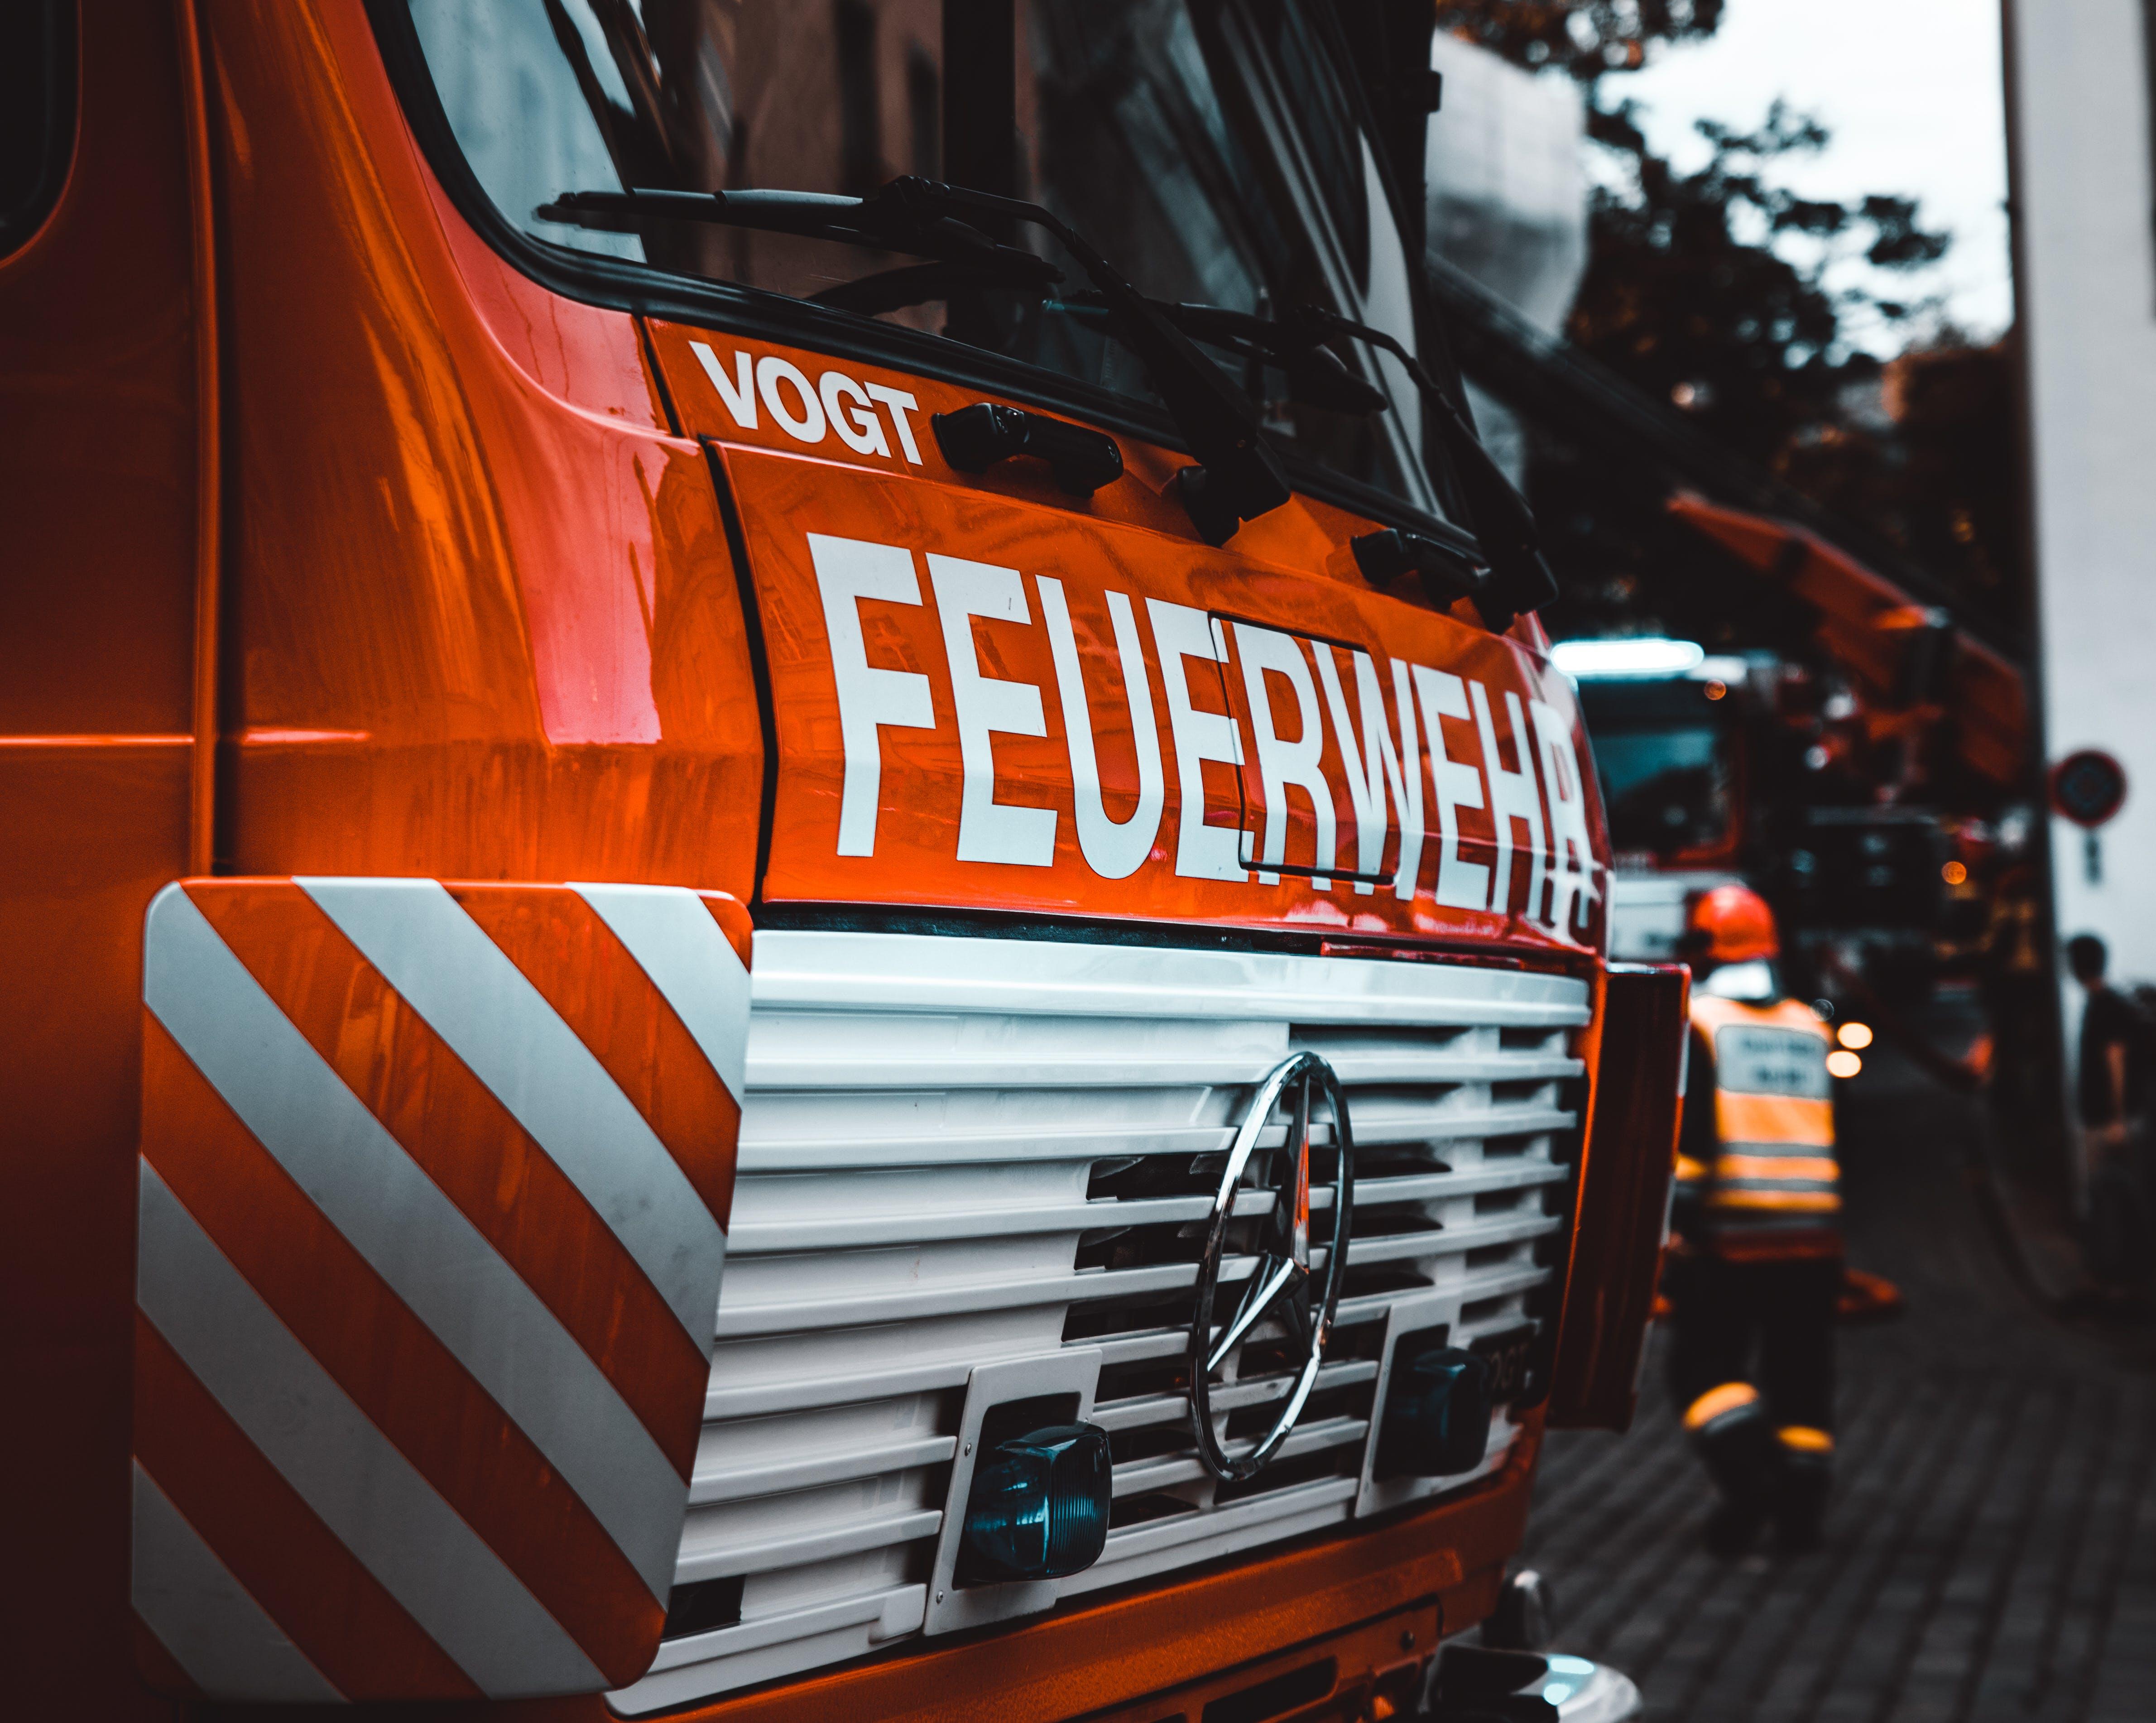 Red Mercedes-benz Firetruck